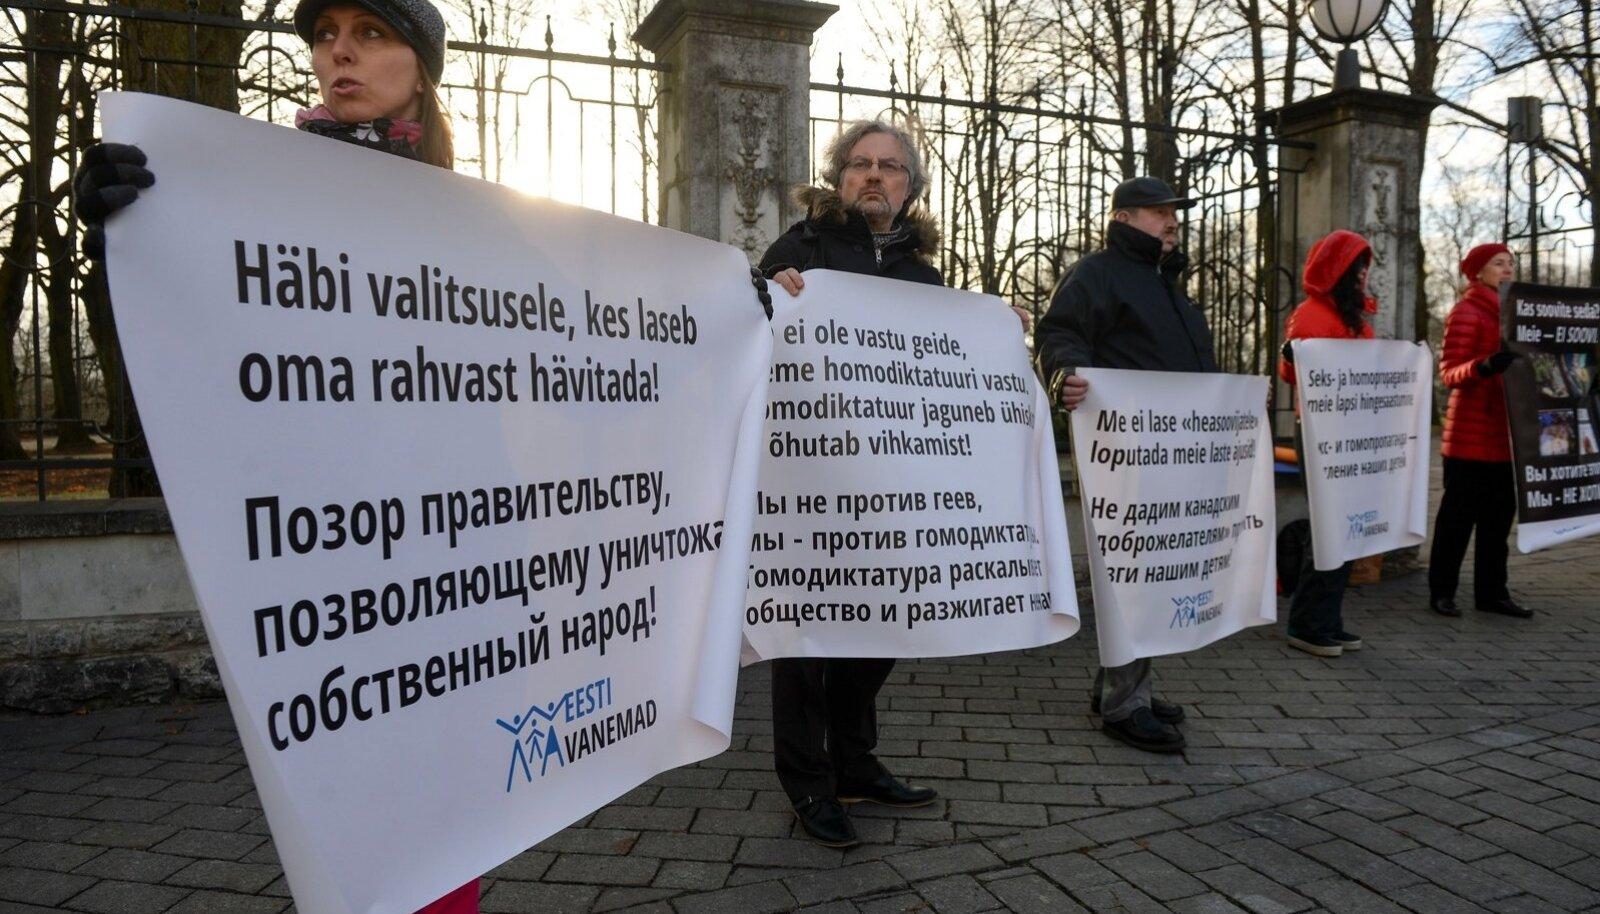 MTÜ Eesti Vanemad miiting Toompeal